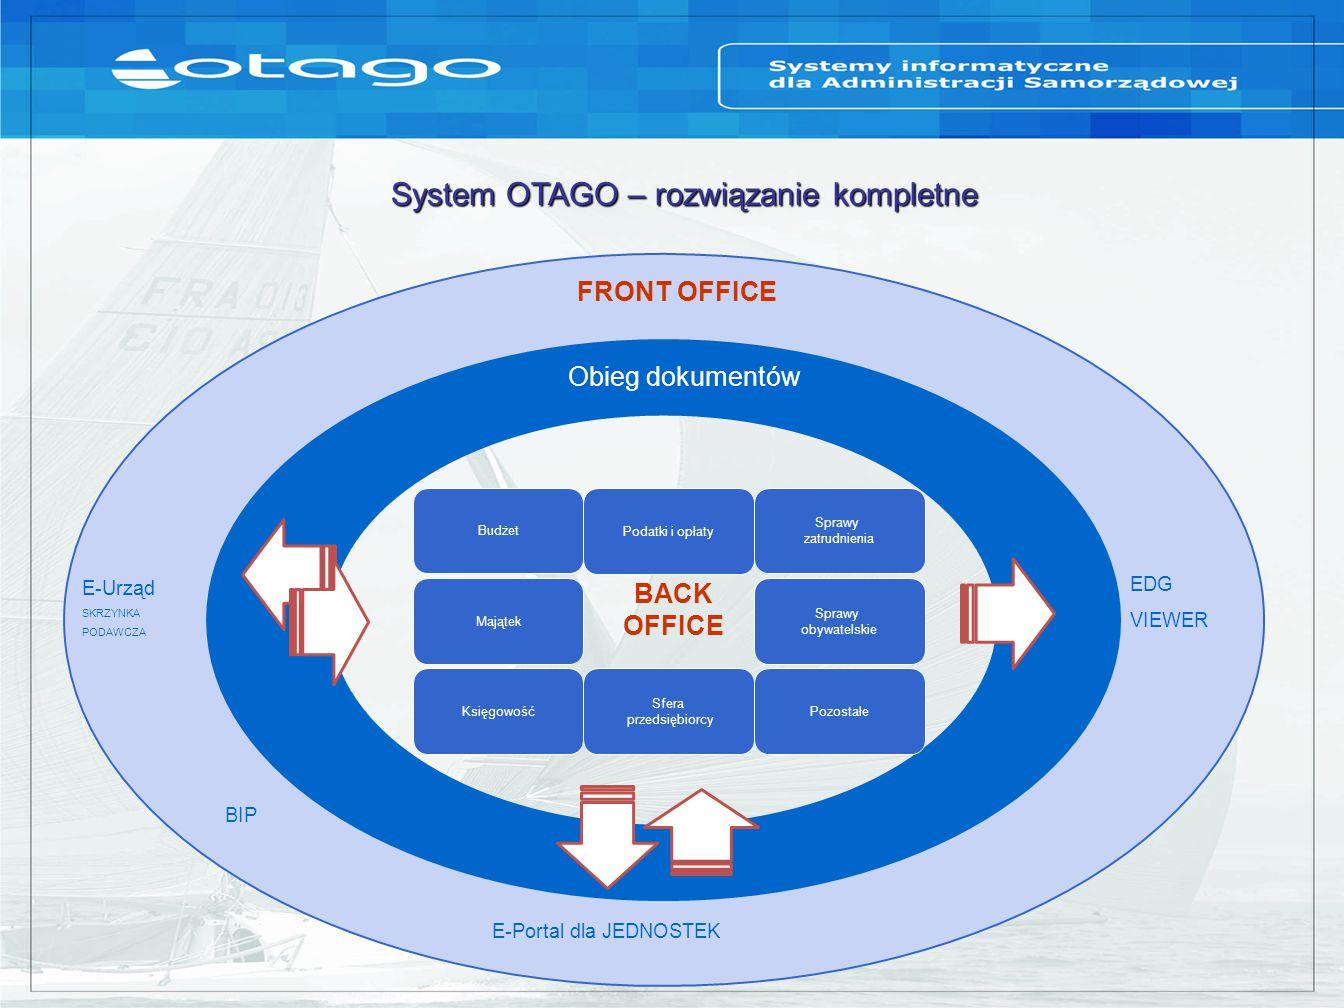 System OTAGO – rozwiązanie kompletne